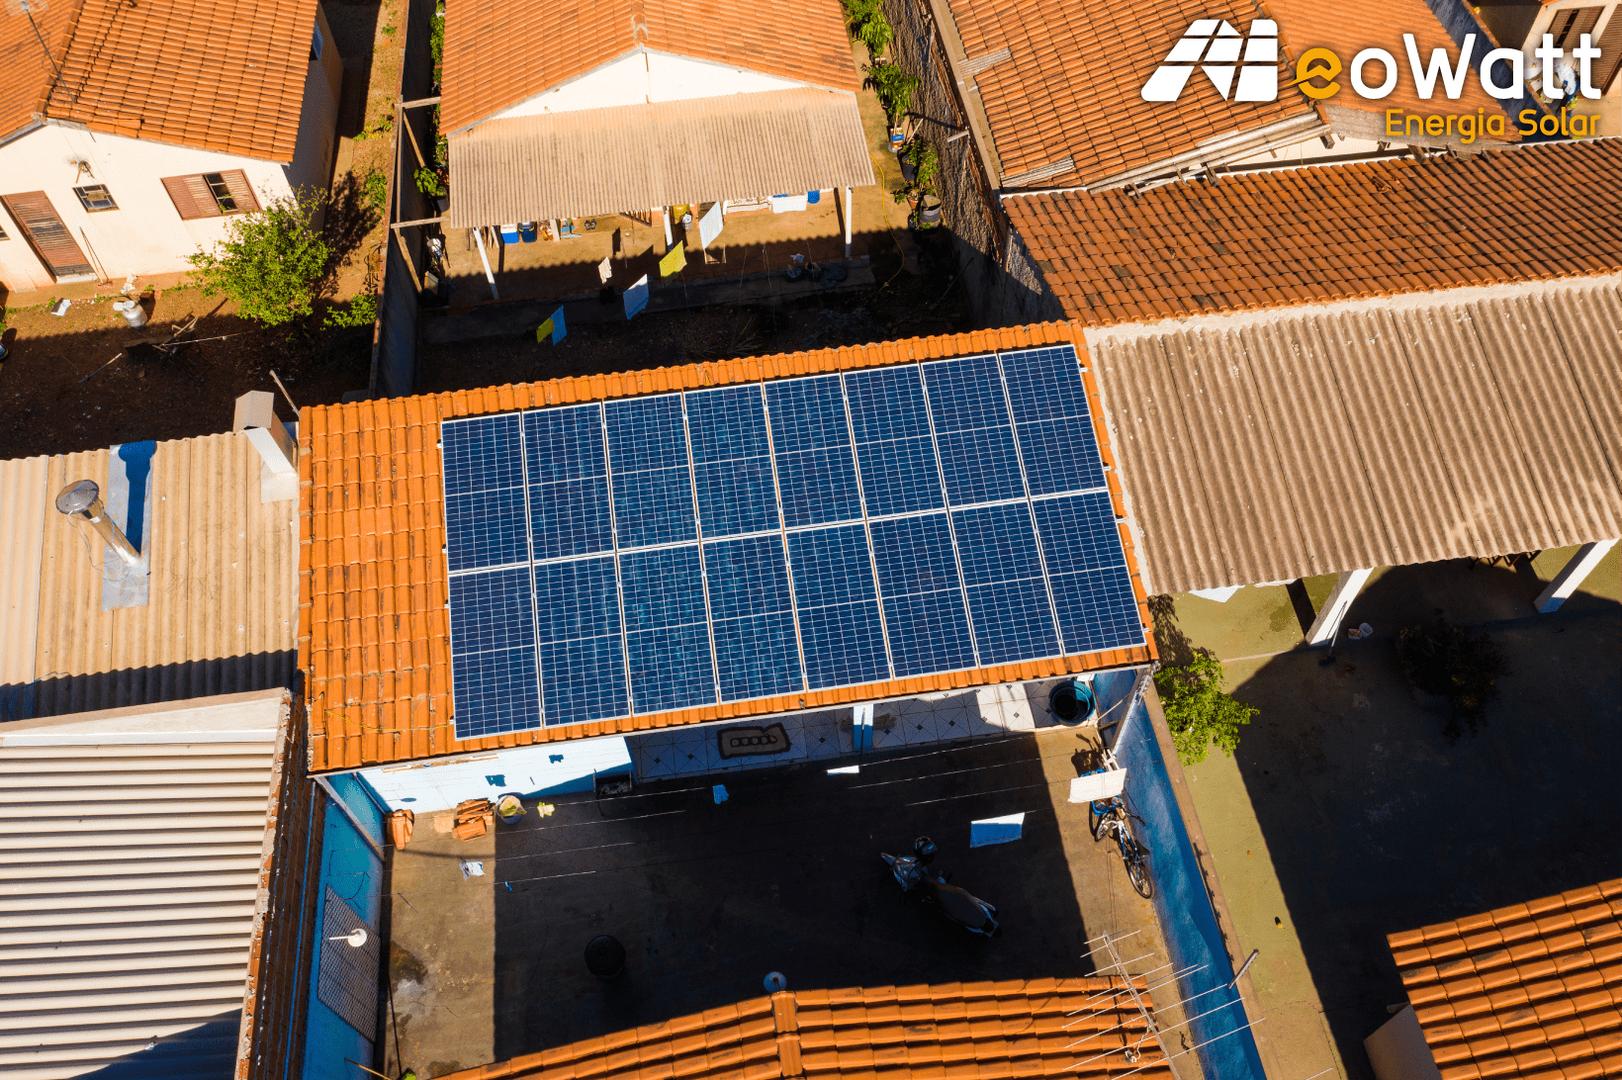 Sistema fotovoltaico de 5,44 kWp